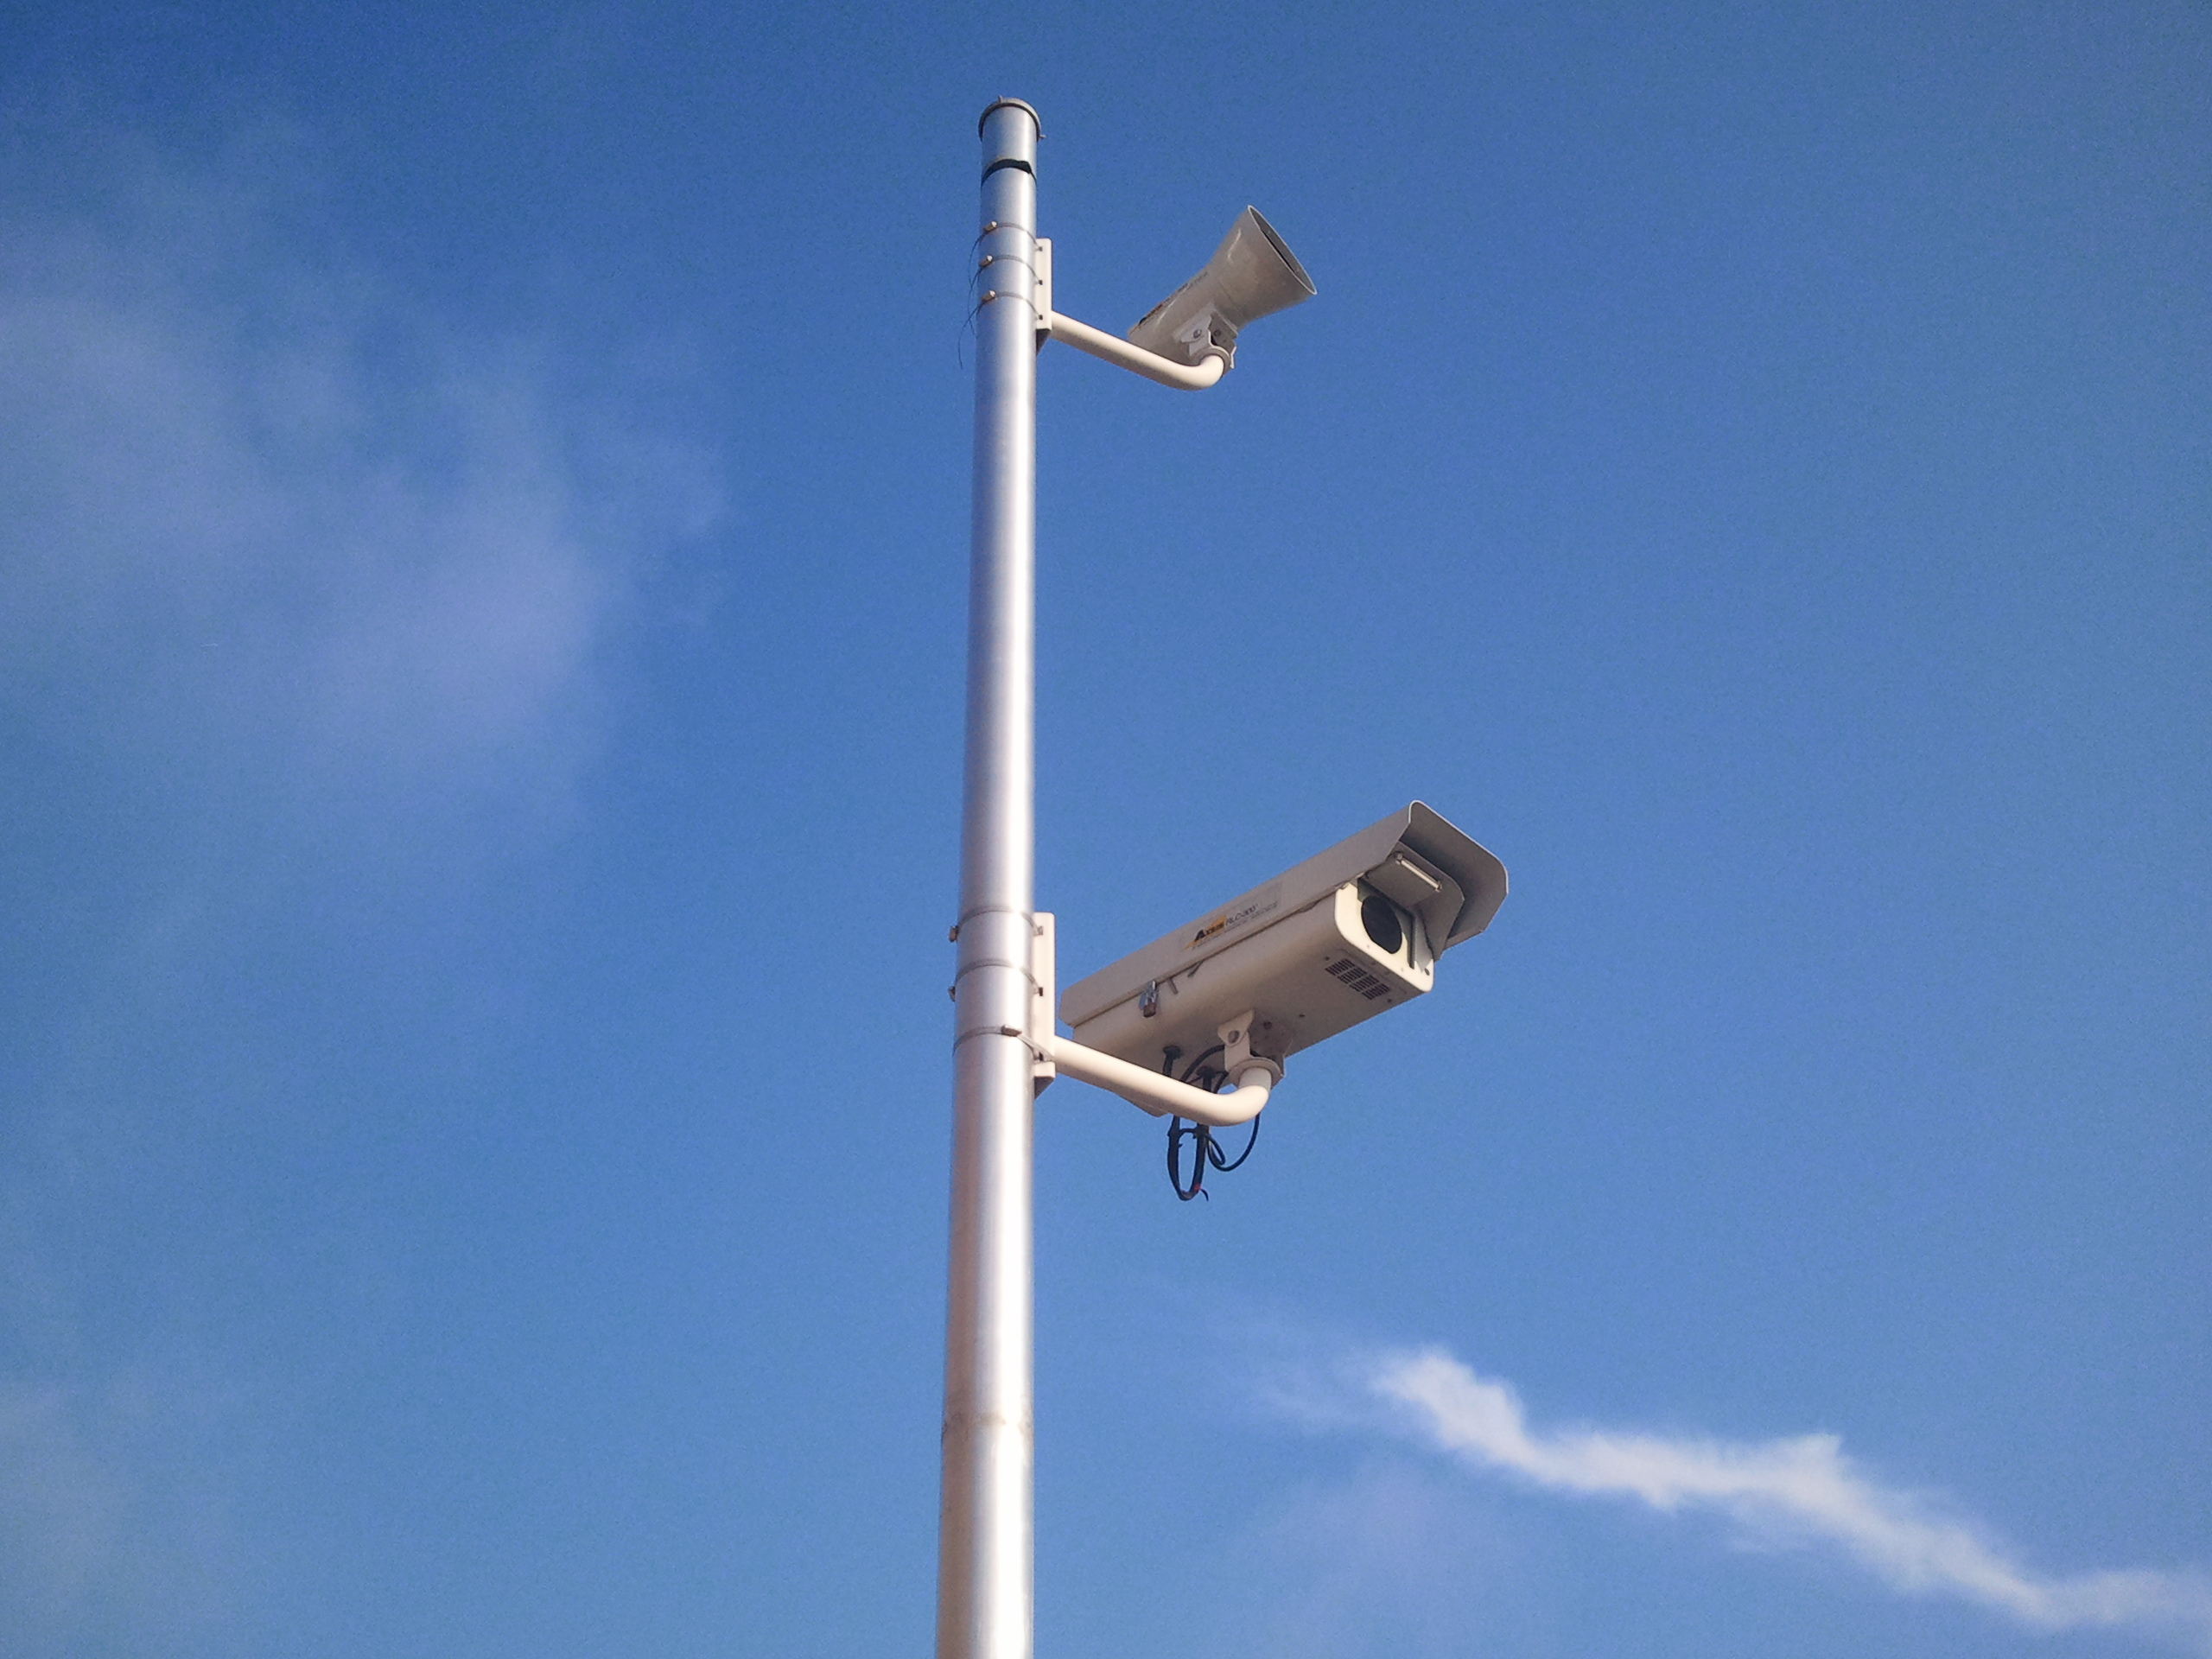 Despite legal challenges elsewhere, red light camera program